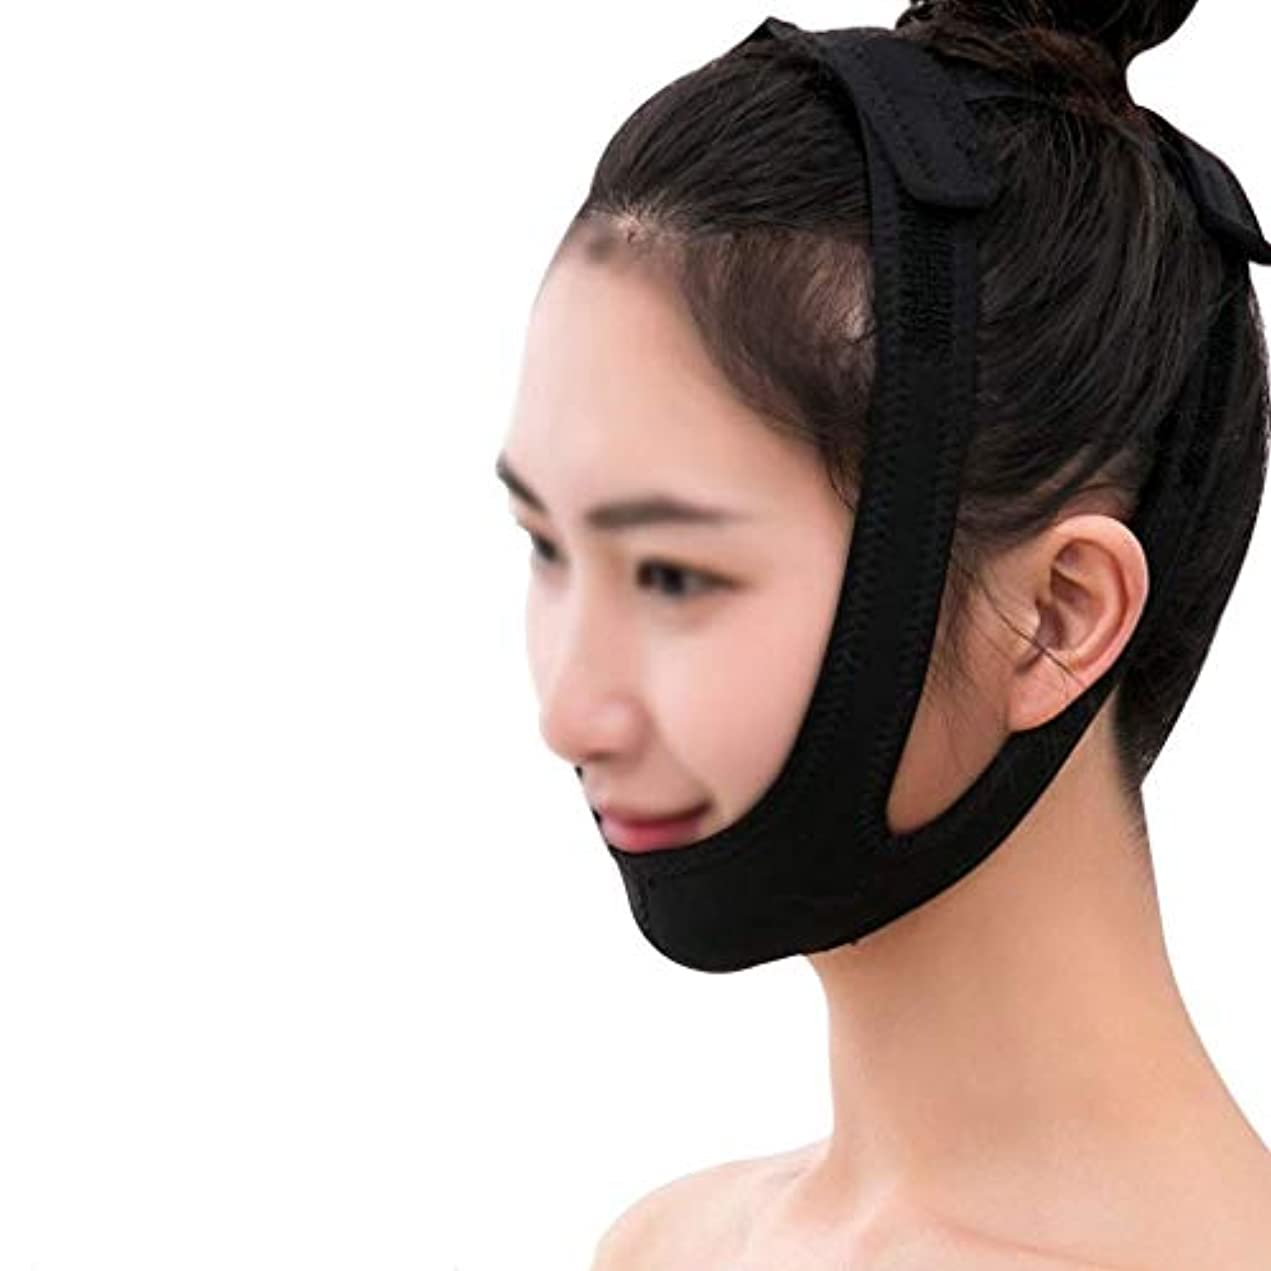 動的フルーティー描くフェイシャルリフティングマスク、医療用ワイヤーカービングリカバリーヘッドギアVフェイス包帯ダブルチンフェイスリフトマスク